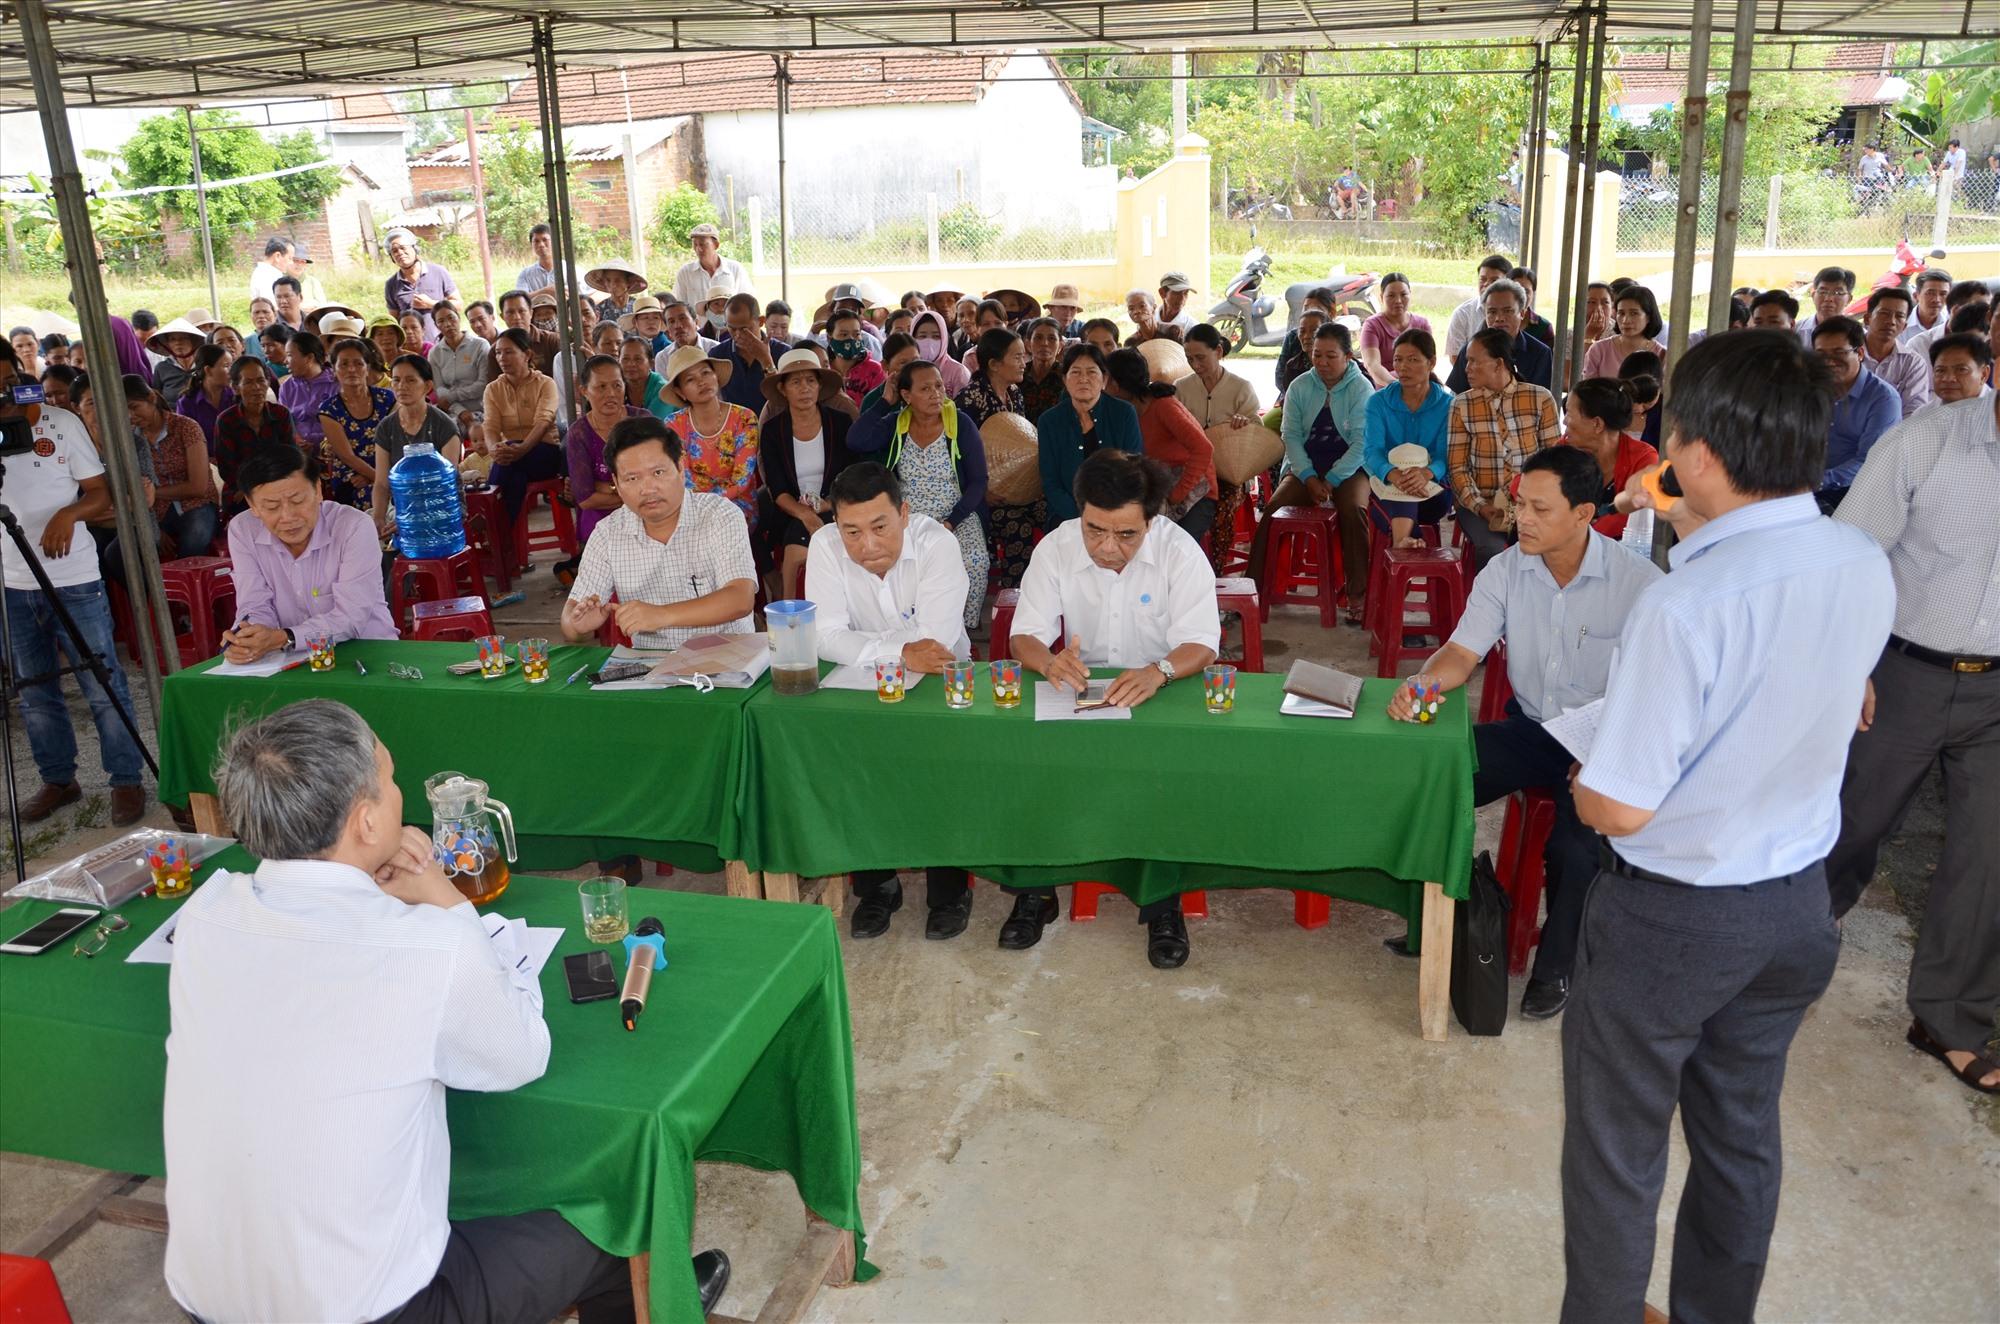 Cuộc đối thoại của lãnh đạo Sở TN&MT, UBND huyện Núi Thành với người dân liên quan đến việc cản trở của người dân không cho xe chở rác vào khu xử lý rác Tam Xuân 2 hồi năm 2019.